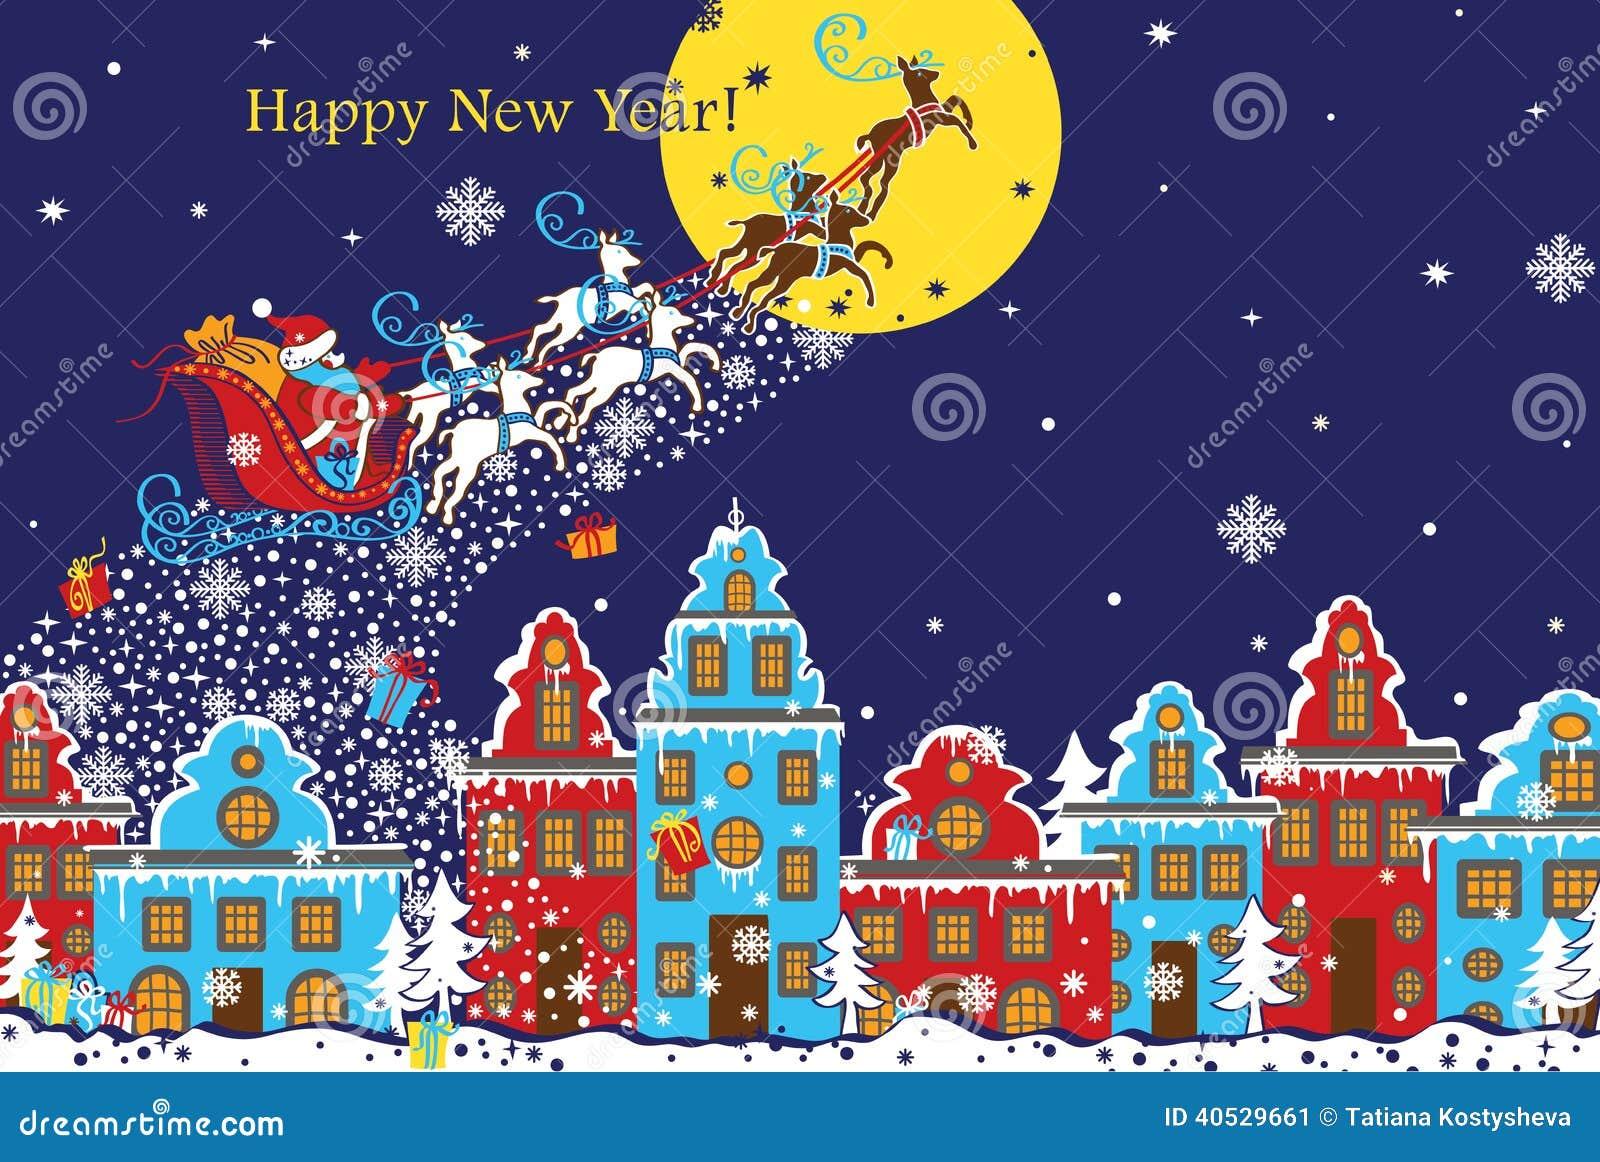 Tarjeta de felicitación horizontal del Año Nuevo Santa Claus que viene a la ciudad Vec